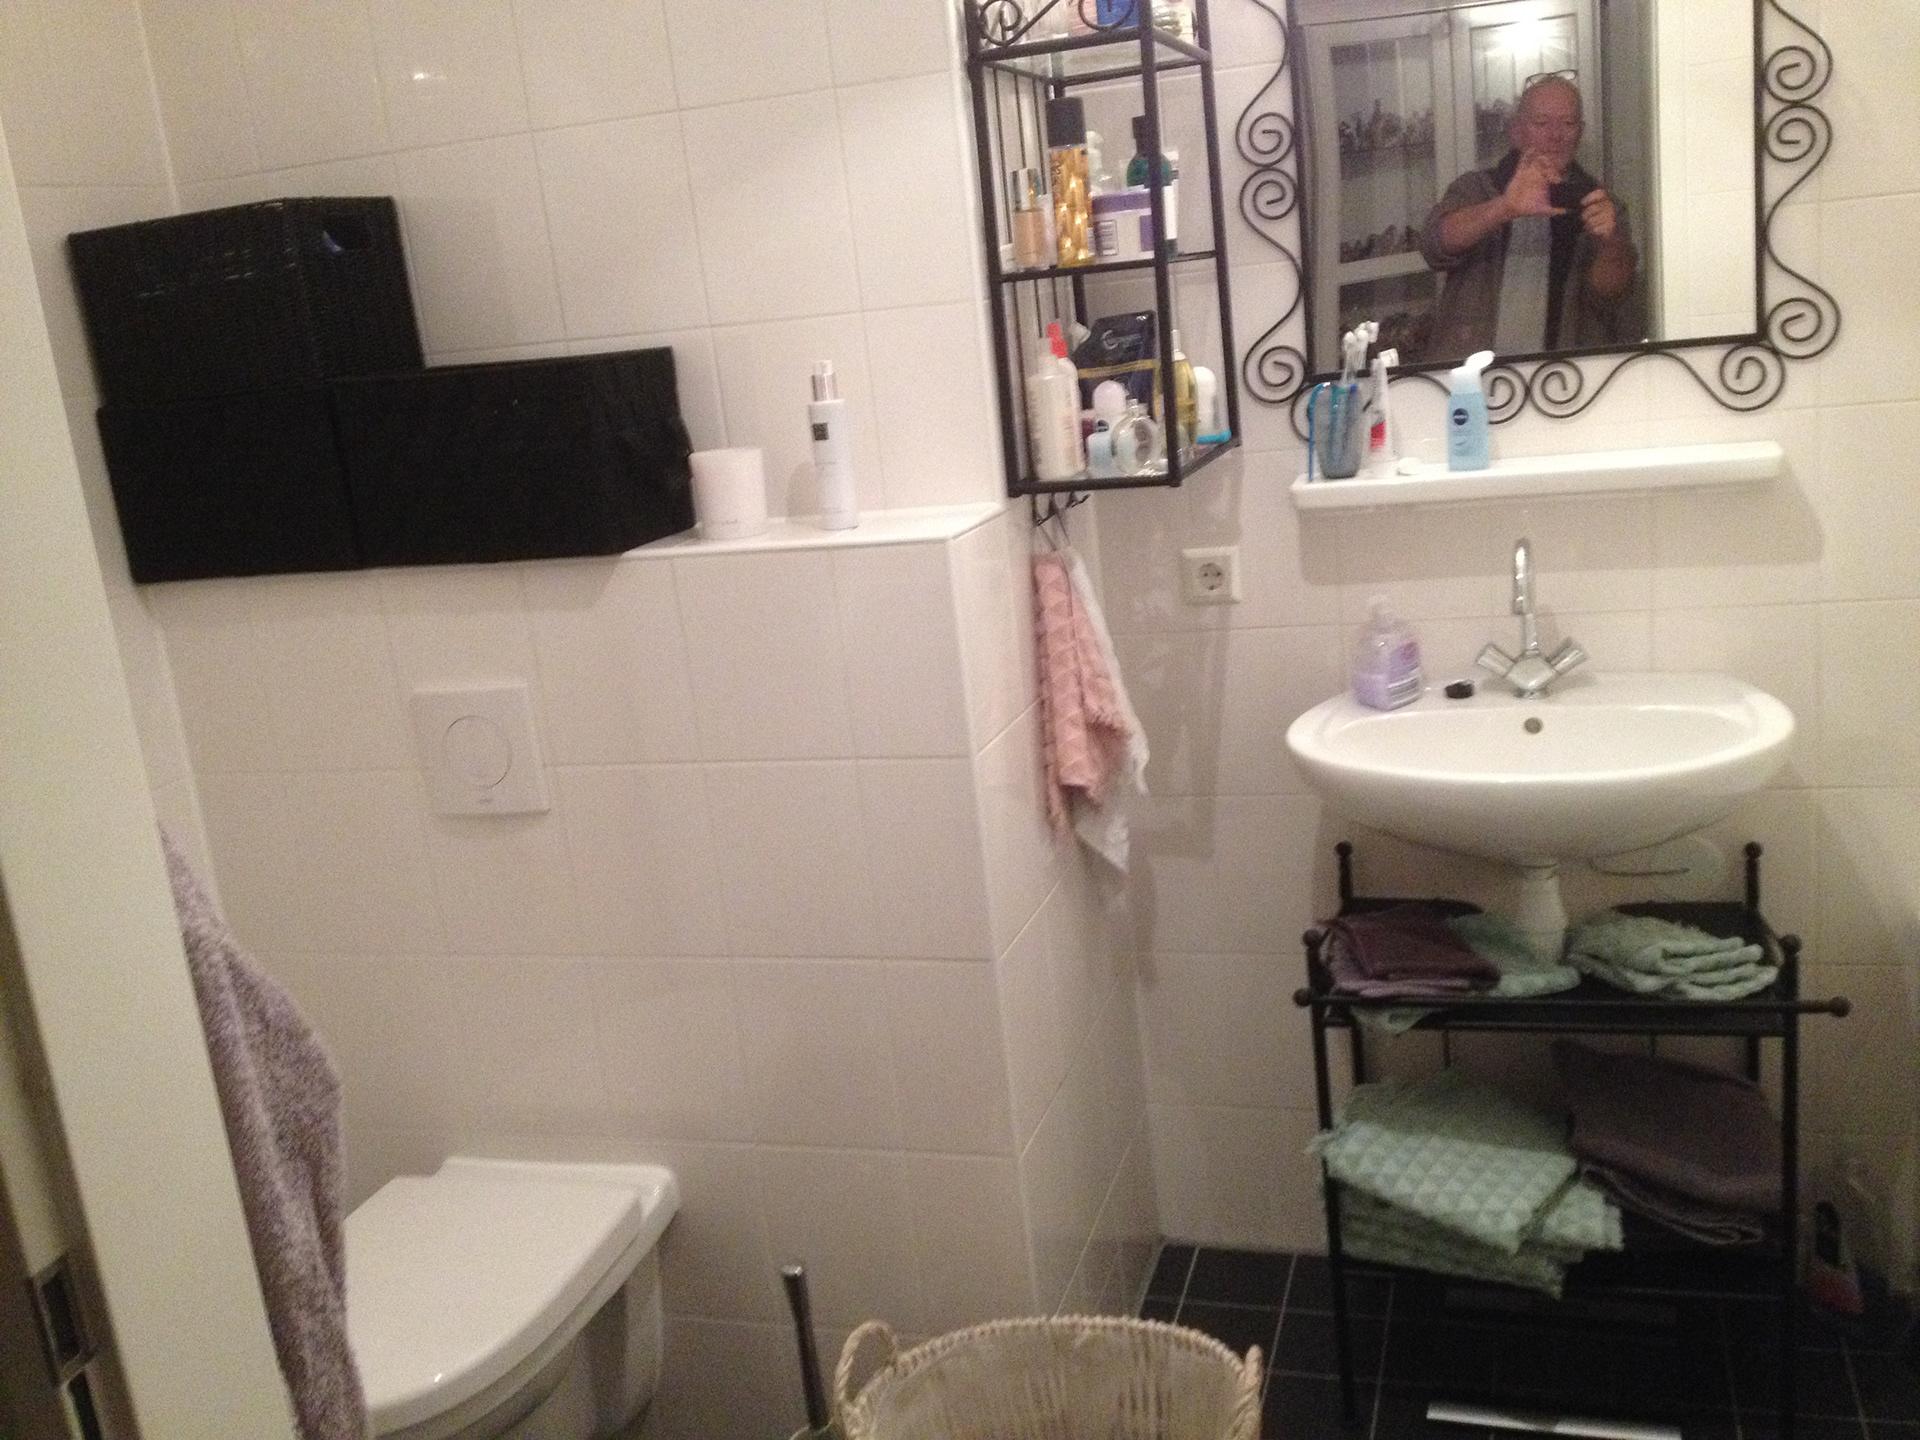 Ikea Kranen Badkamer : Bart van oorschot badkamer